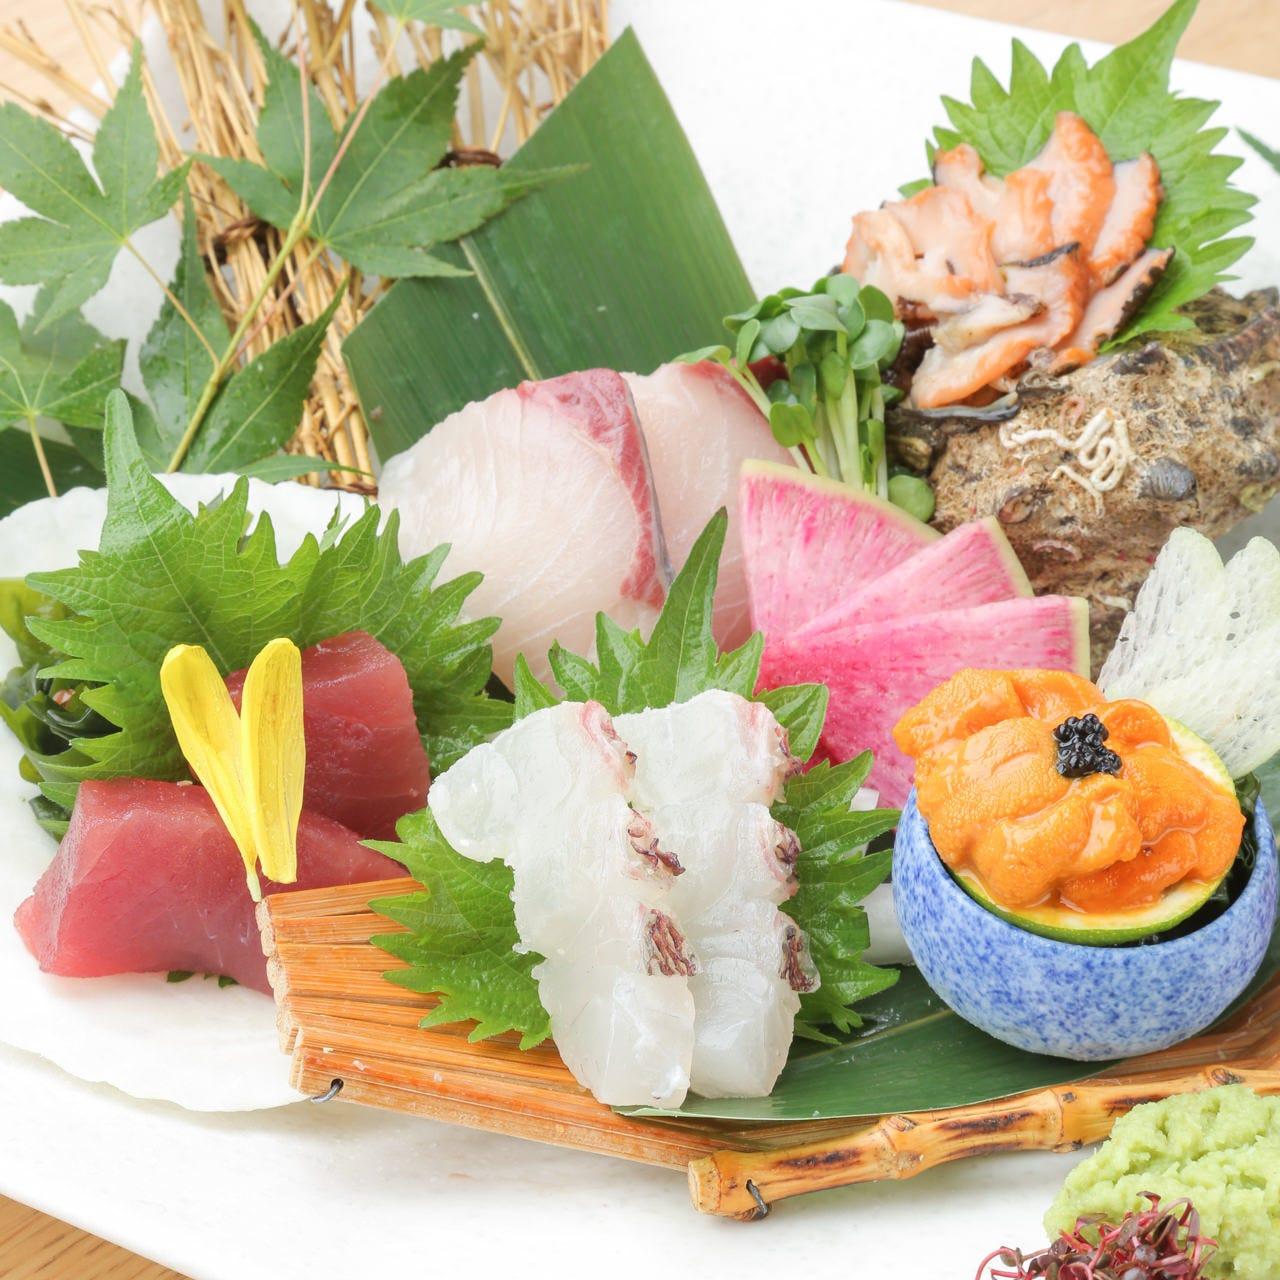 旬の食材を使用した季節の逸品をご用意!!